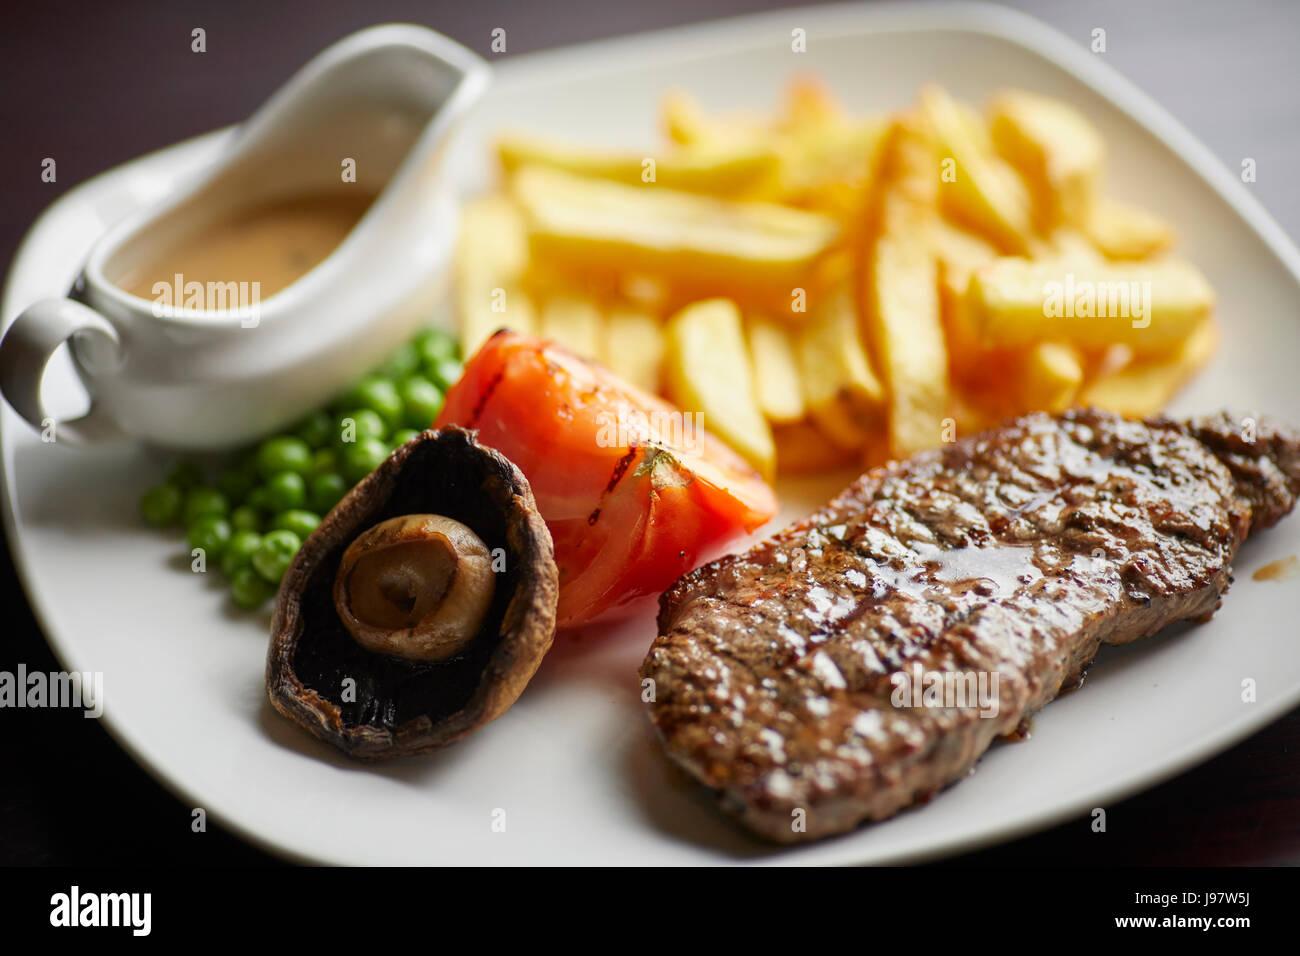 Traditionelle Pub-Gerichte, Steak und Chips. Stockbild